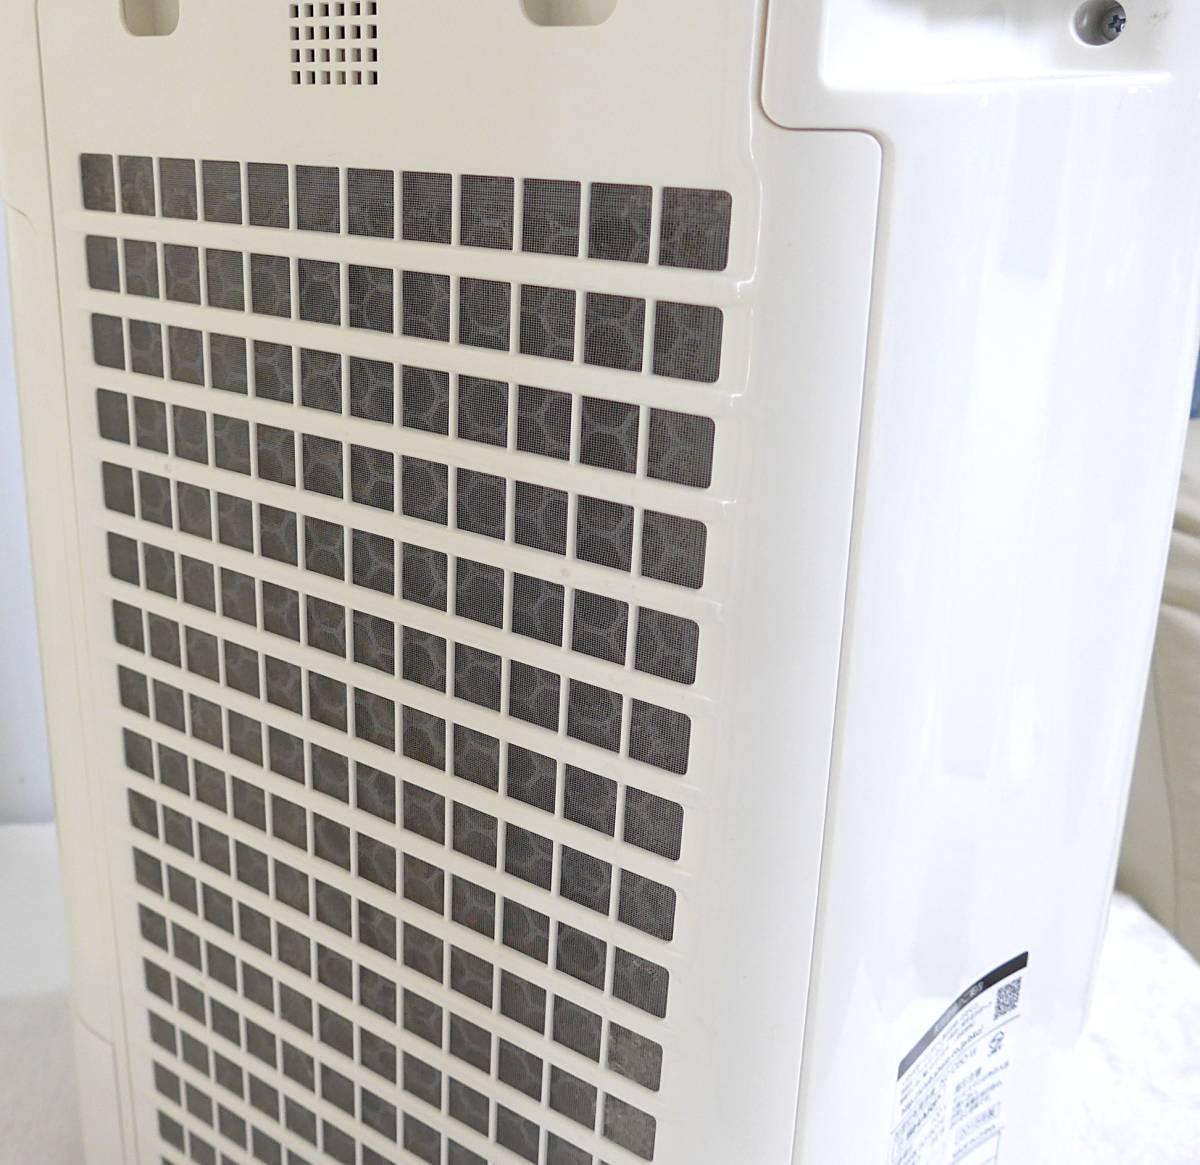 2015年製 綺麗です★SHARP/シャープ KC-D50-W 加湿空気清浄機 ~23畳 高濃度プラズマクラスター7000搭載 PM2.5対応★_画像6